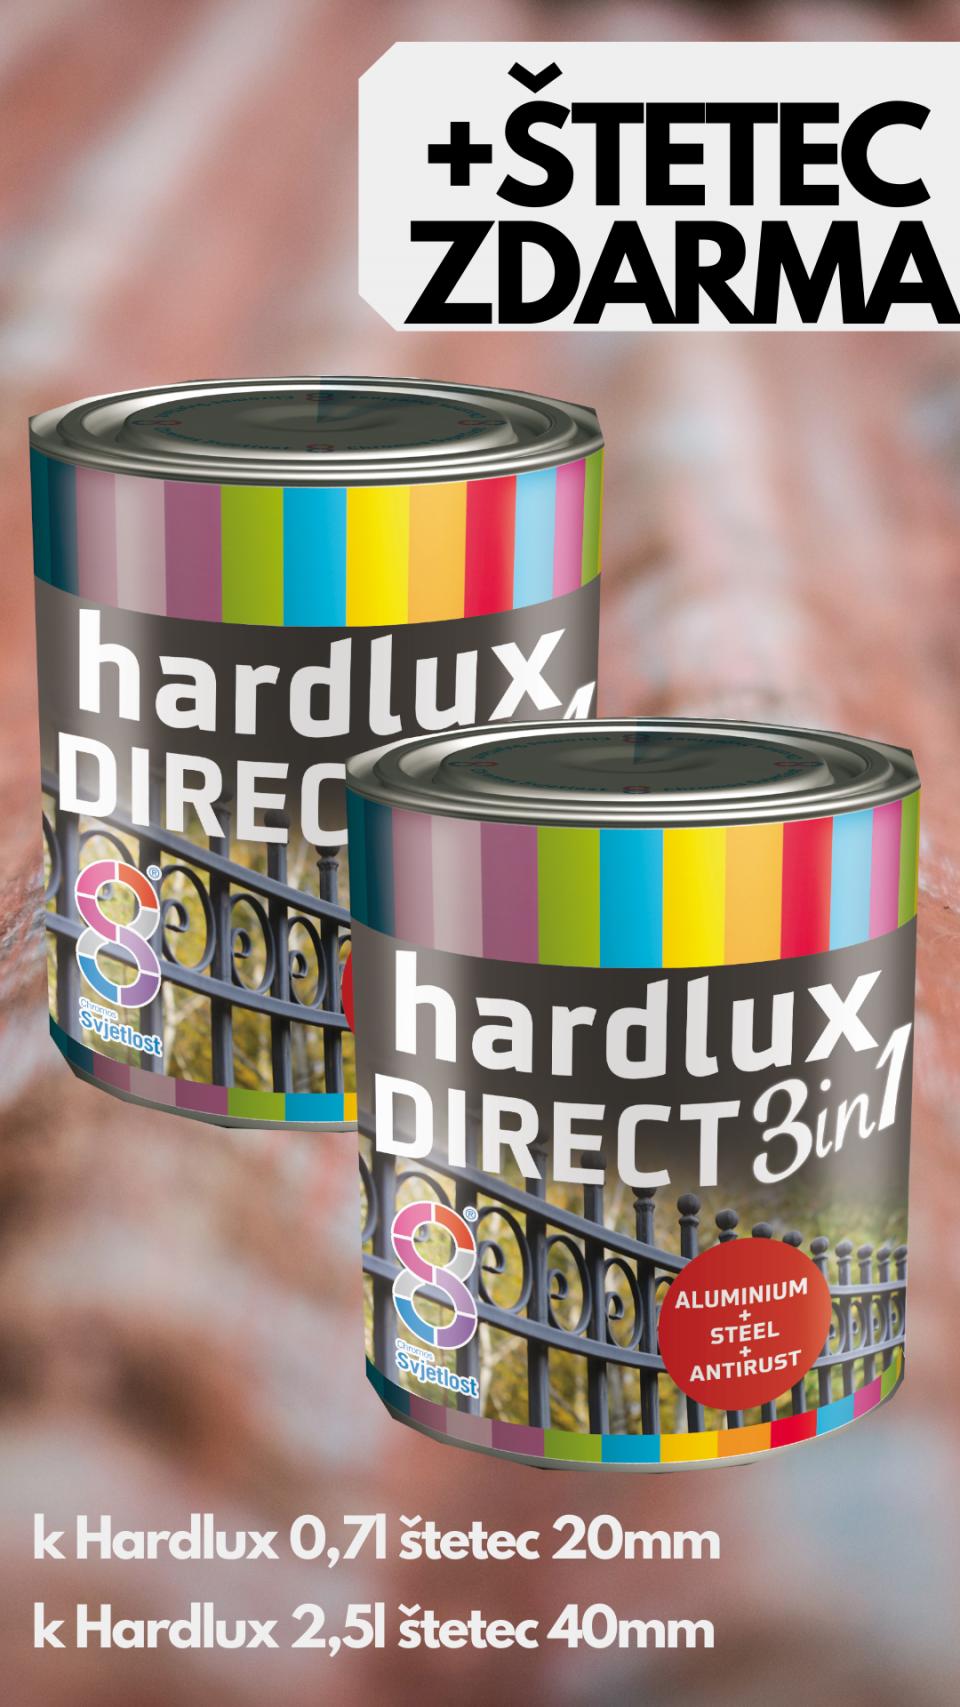 Hardlux